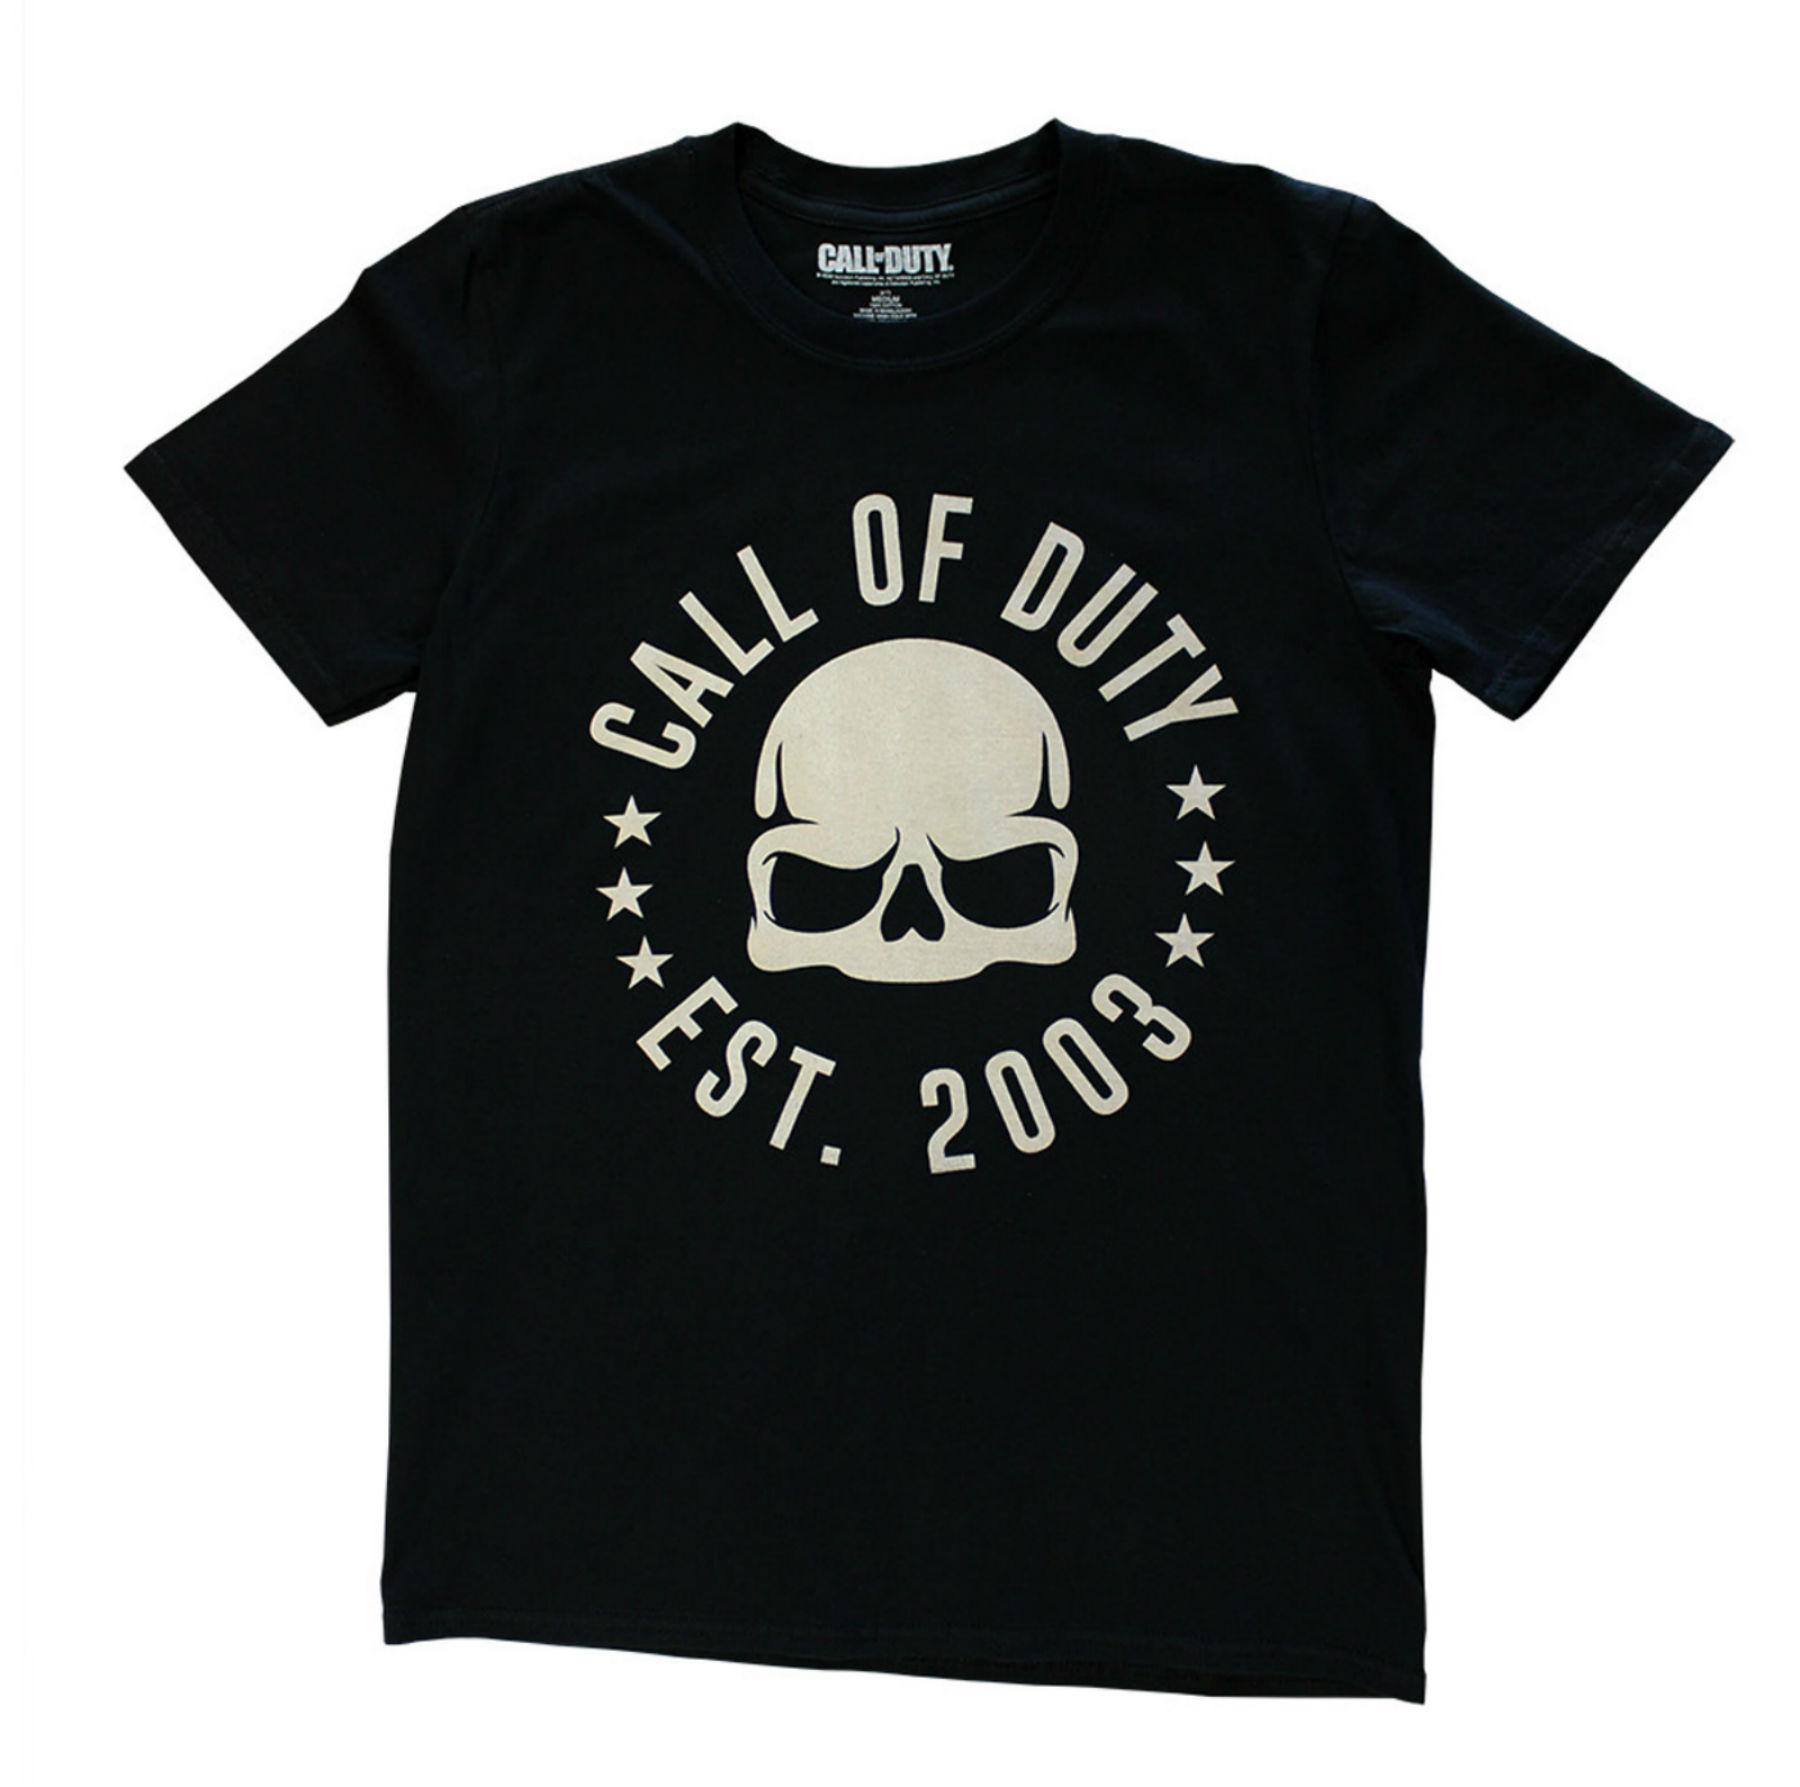 Sélection de produits officiels PlayStation en Soldes - Ex : tee-shirt Call of Duty Est. 2003 (tailles M ou L)